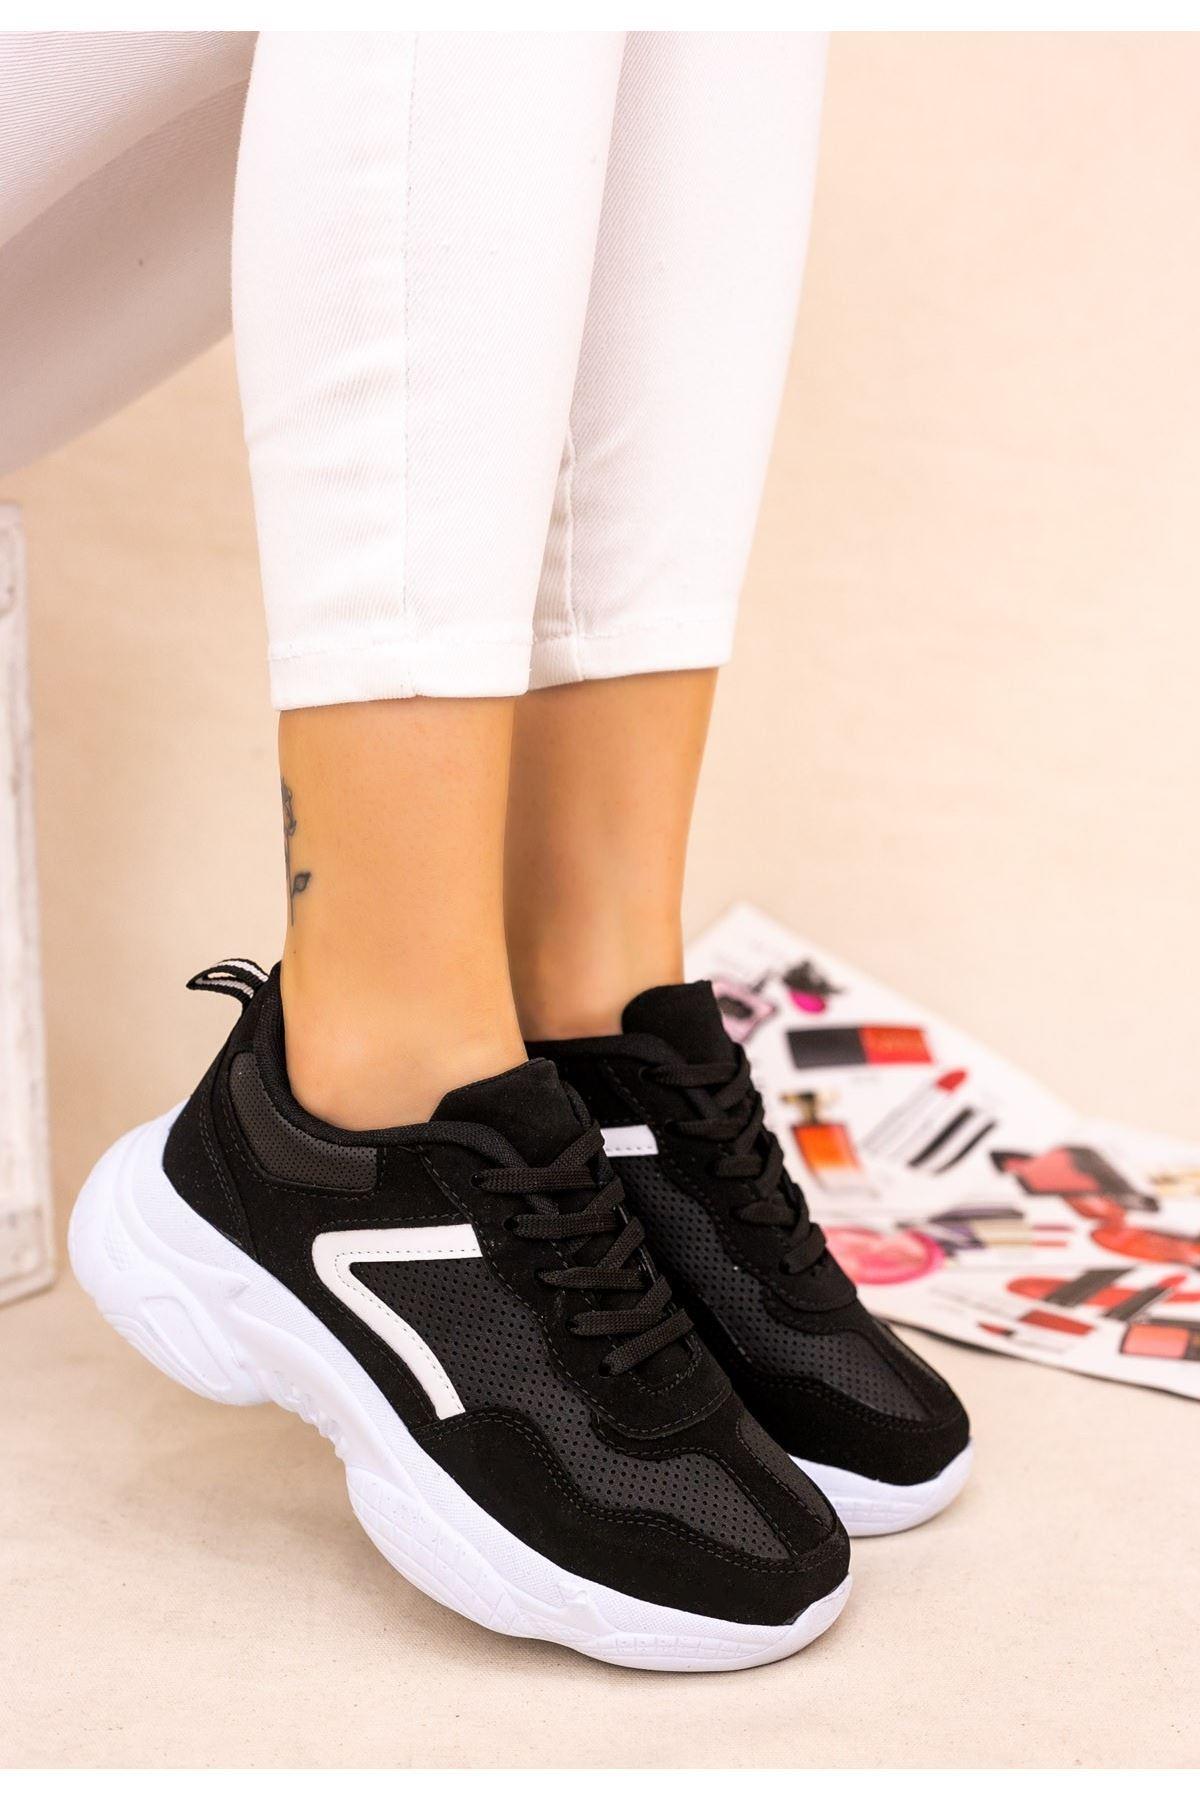 Jomox Siyah Süet Beyaz Detaylı Spor Ayakkabı